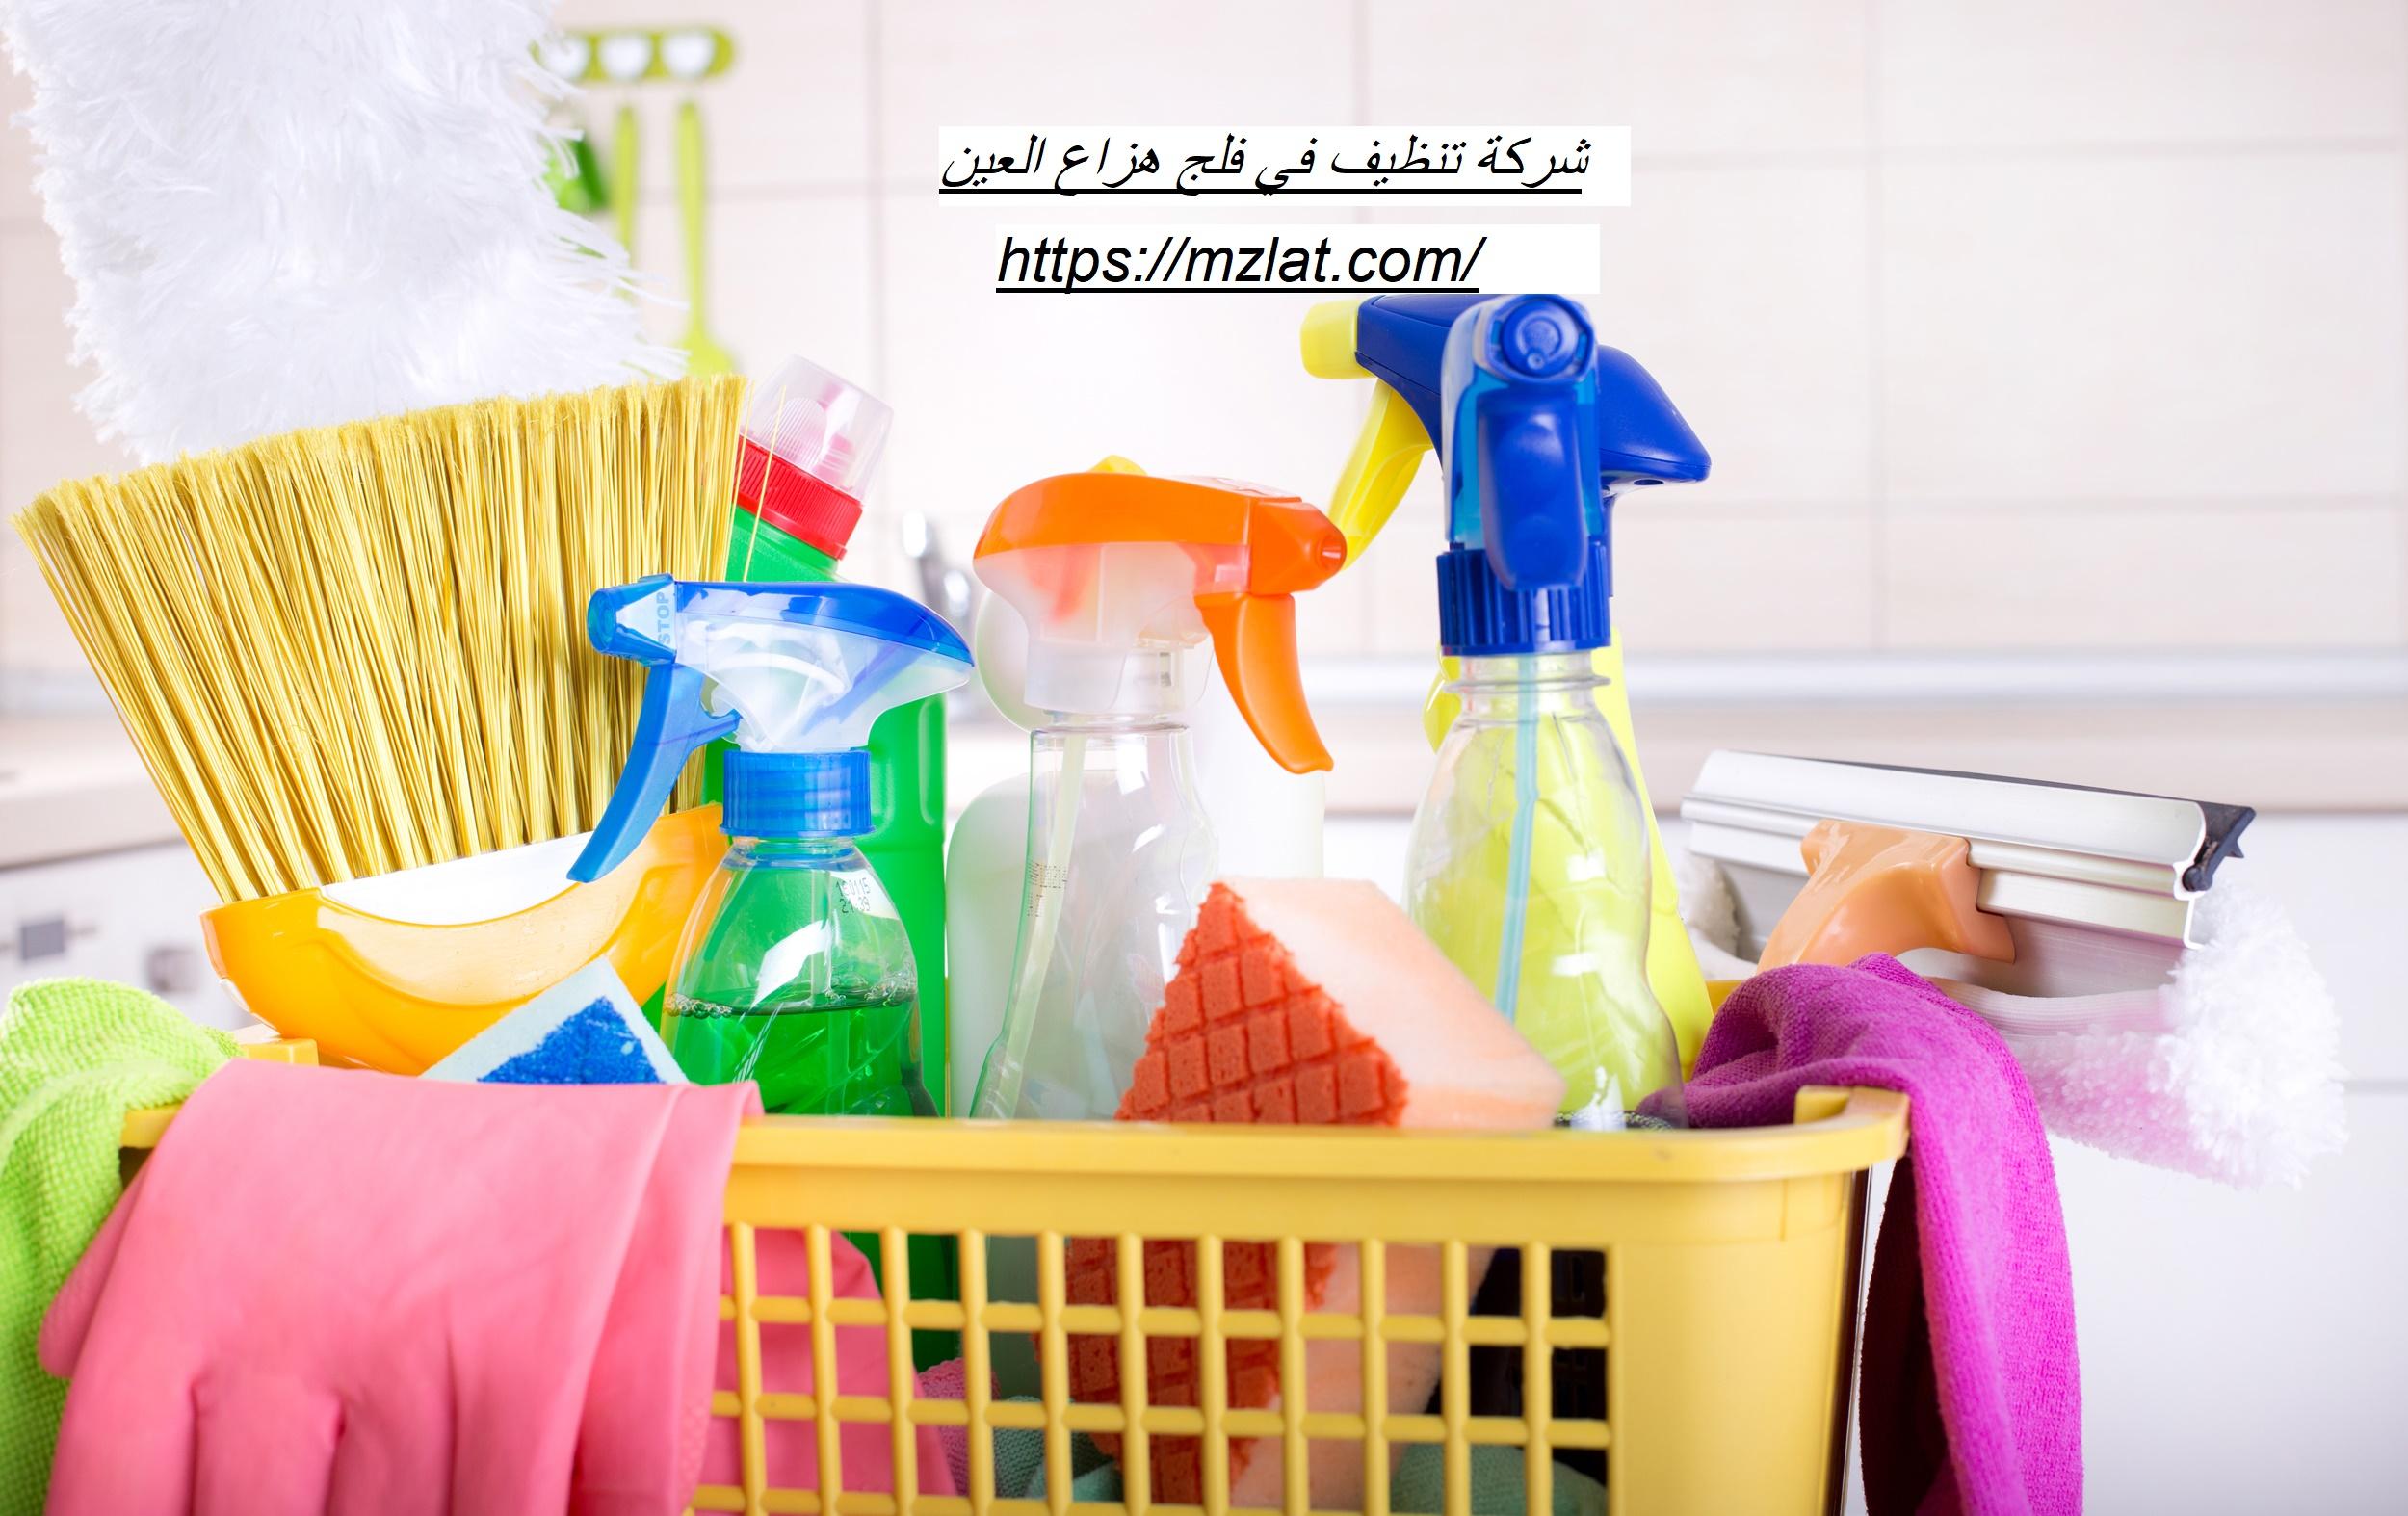 شركة تنظيف في فلج هزاع العين